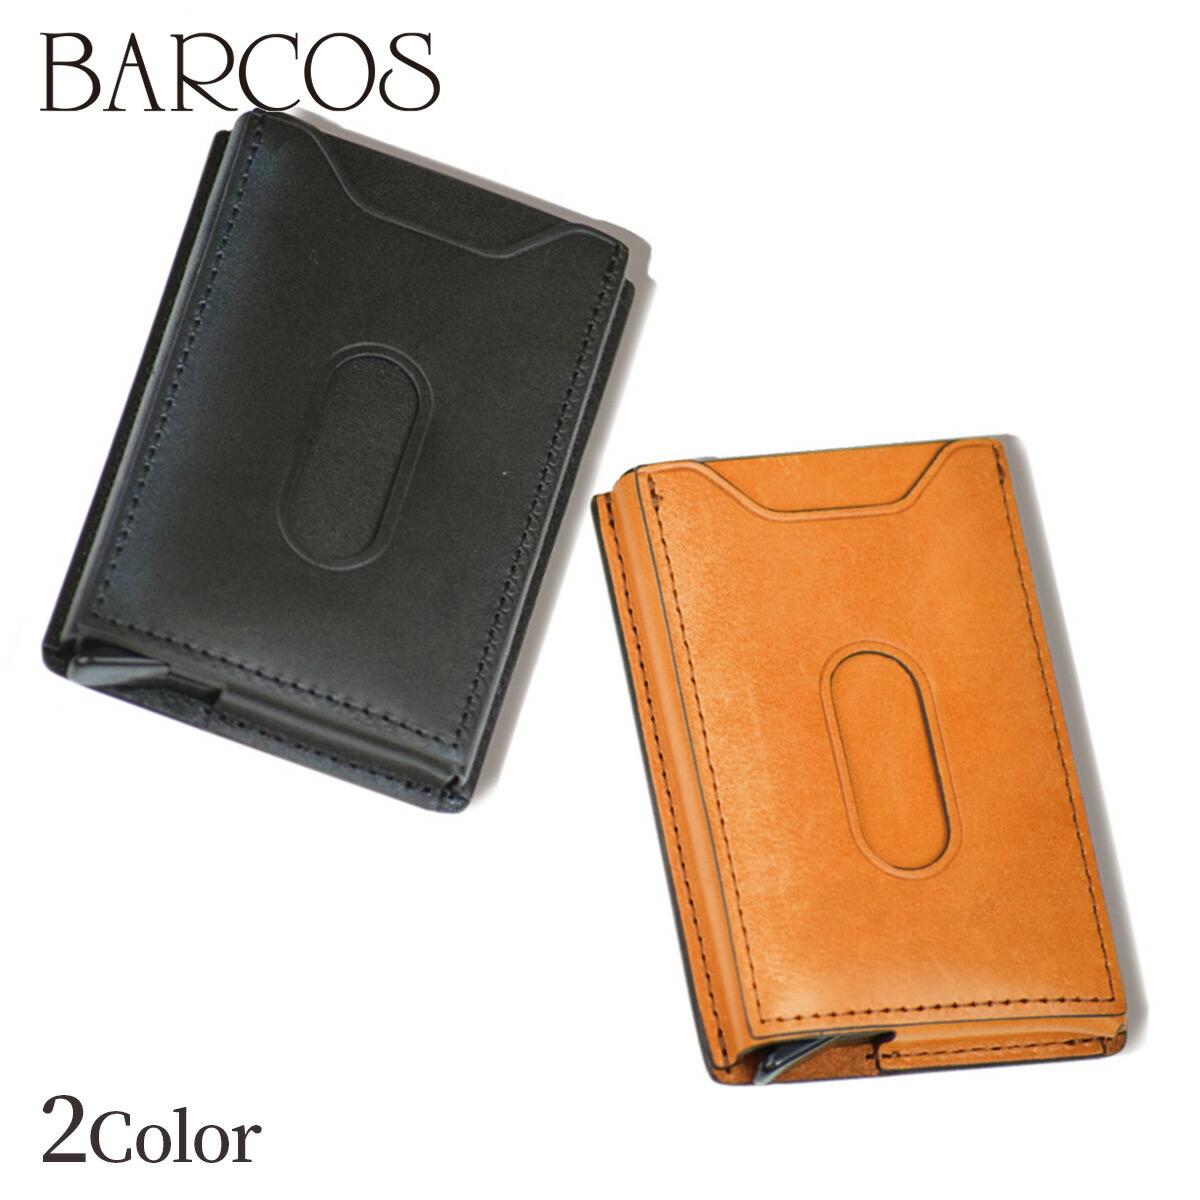 BARCOS ボックス型牛革カードケース ユニセックス 全2色